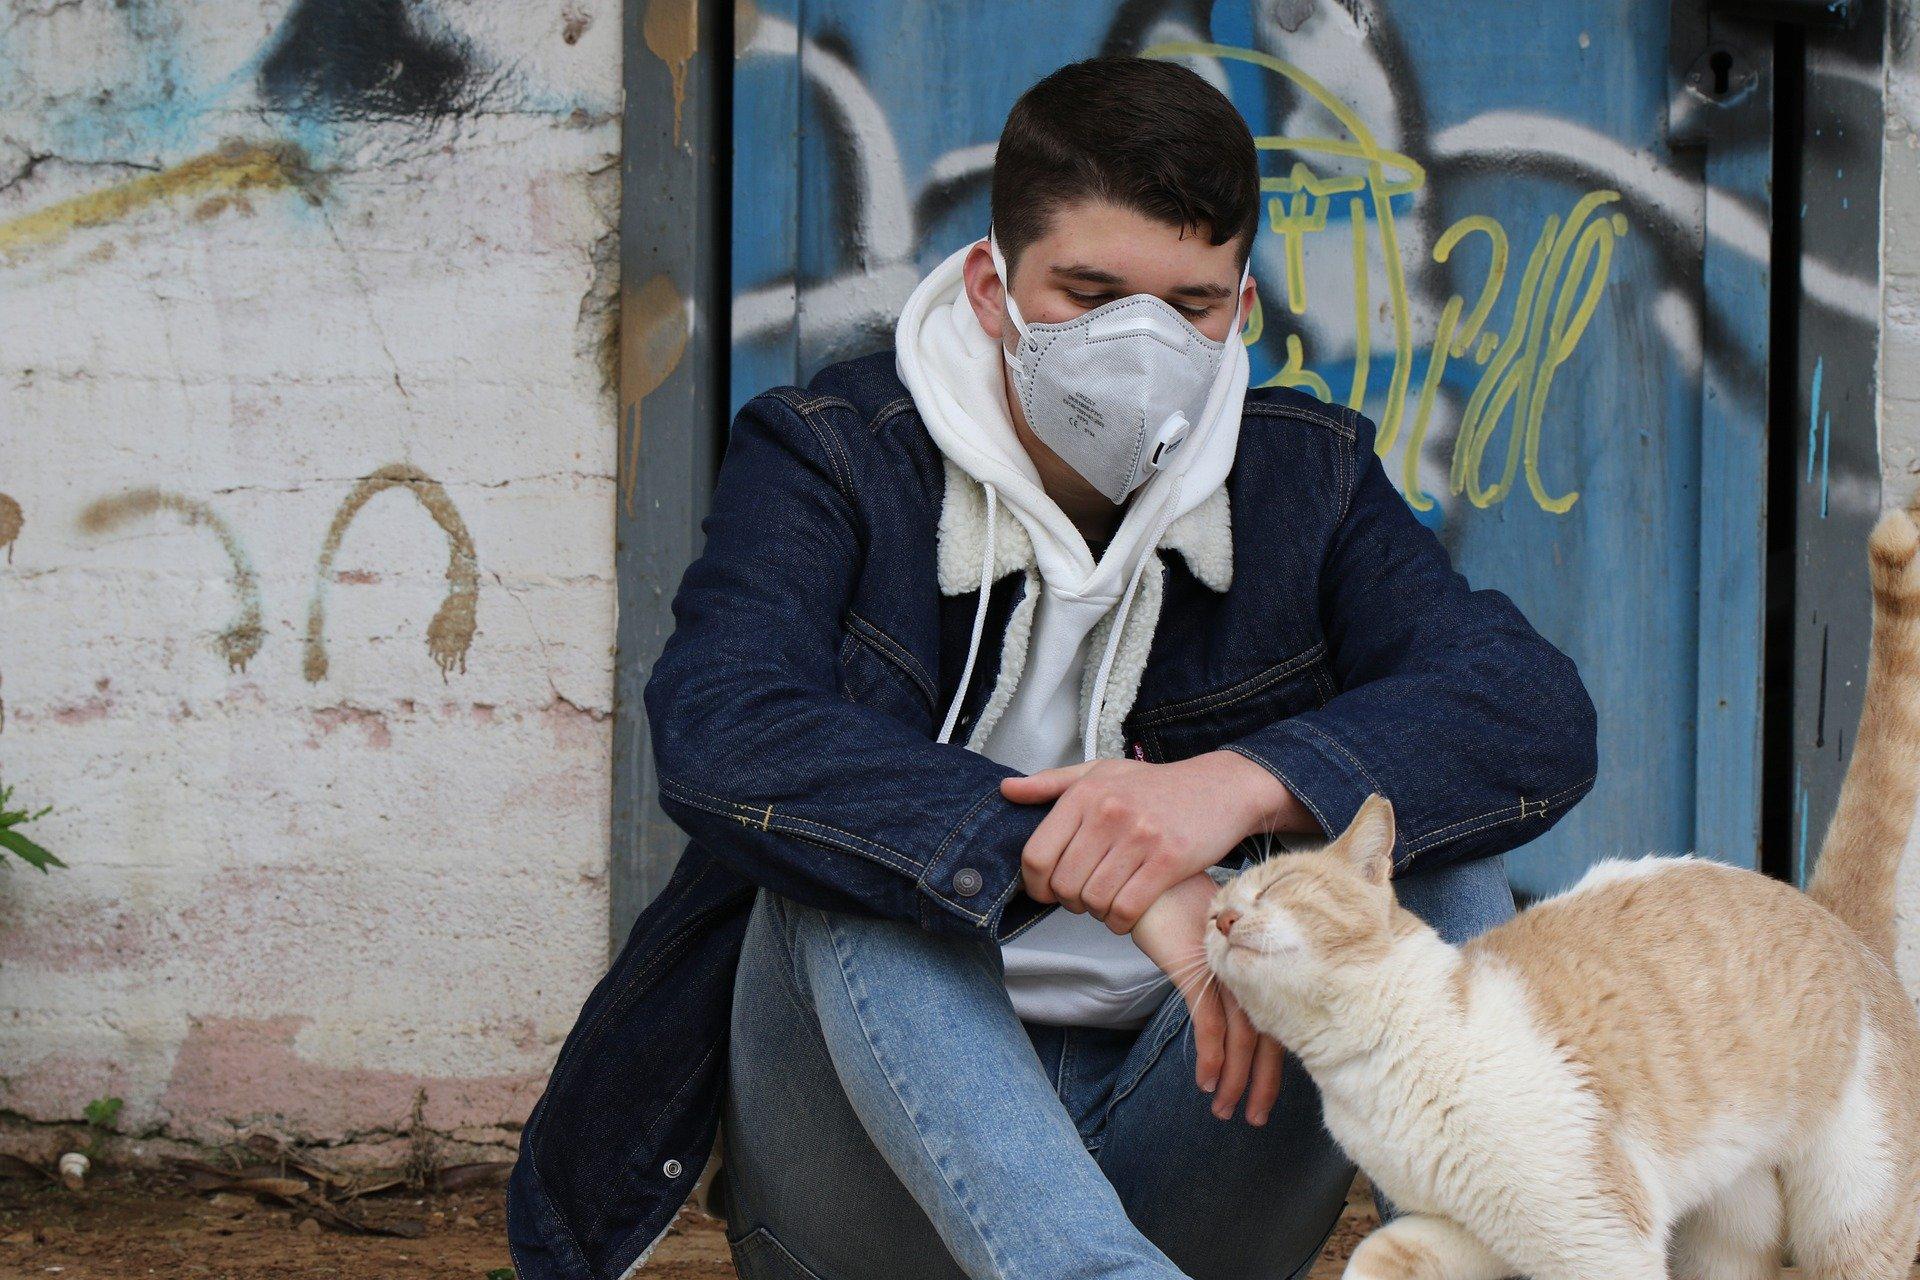 Gatto positivo al COVID-19: gli animali possono infettarsi?